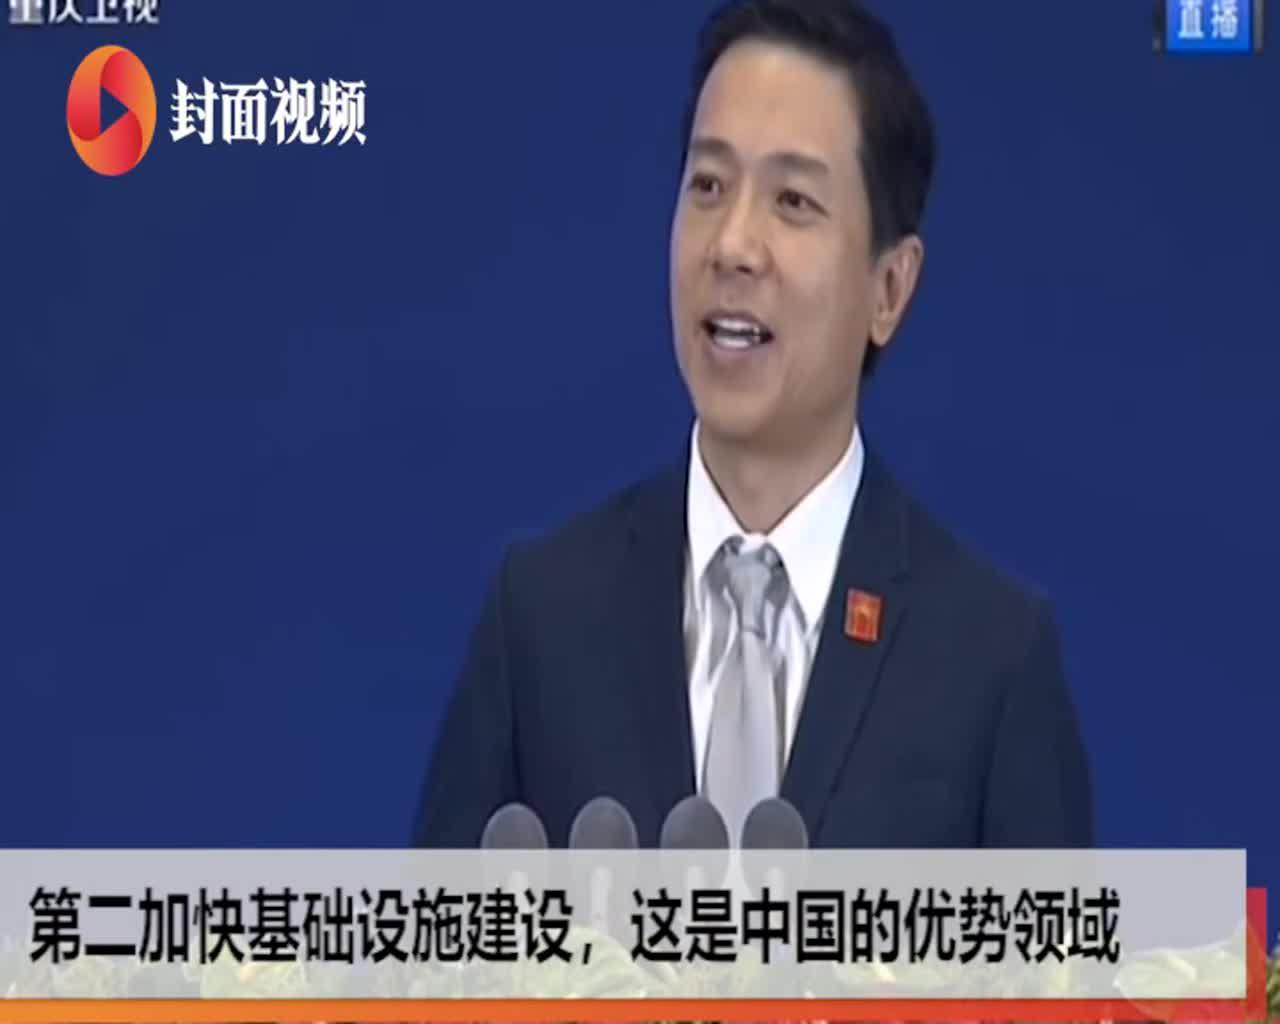 关于中国AI发展,李彦宏有三个建议